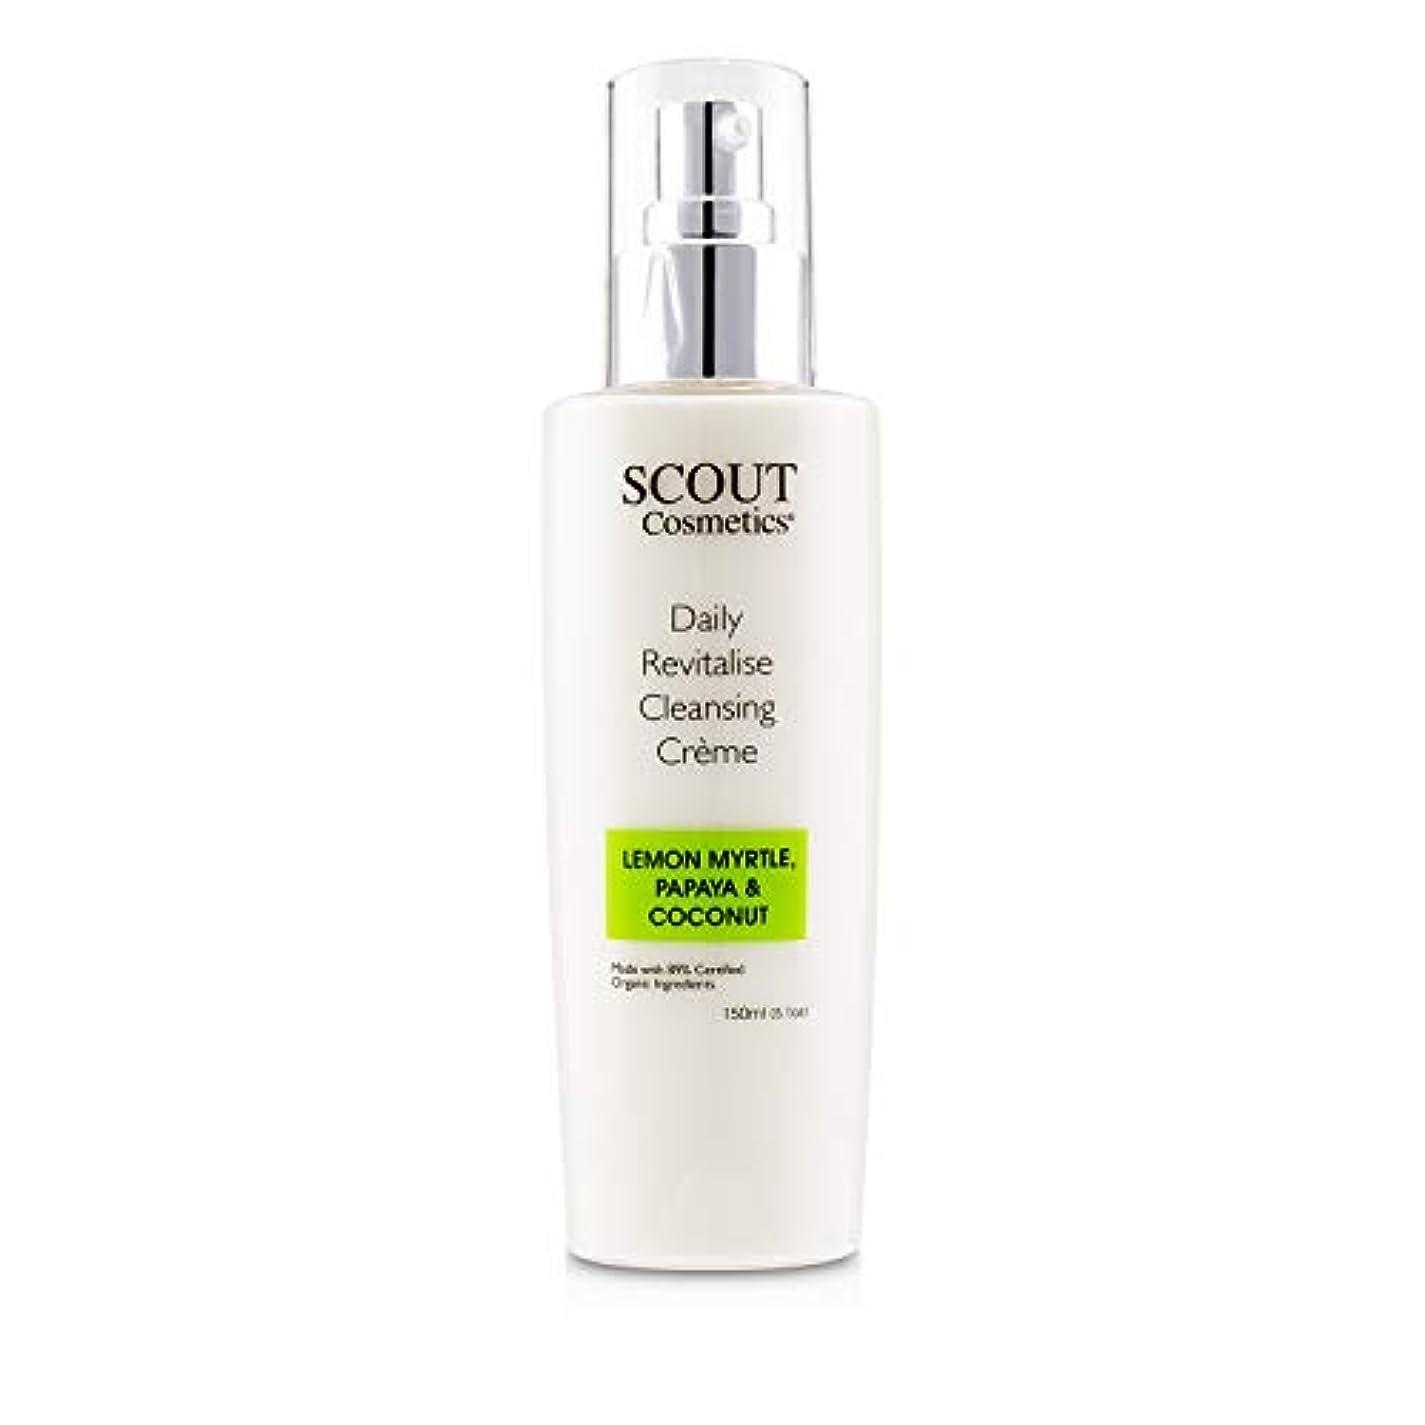 公演続編バットSCOUT Cosmetics Daily Revitalise Cleansing Creme with Lemon Myrtle, Papaya & Coconut 150ml/5.1oz並行輸入品